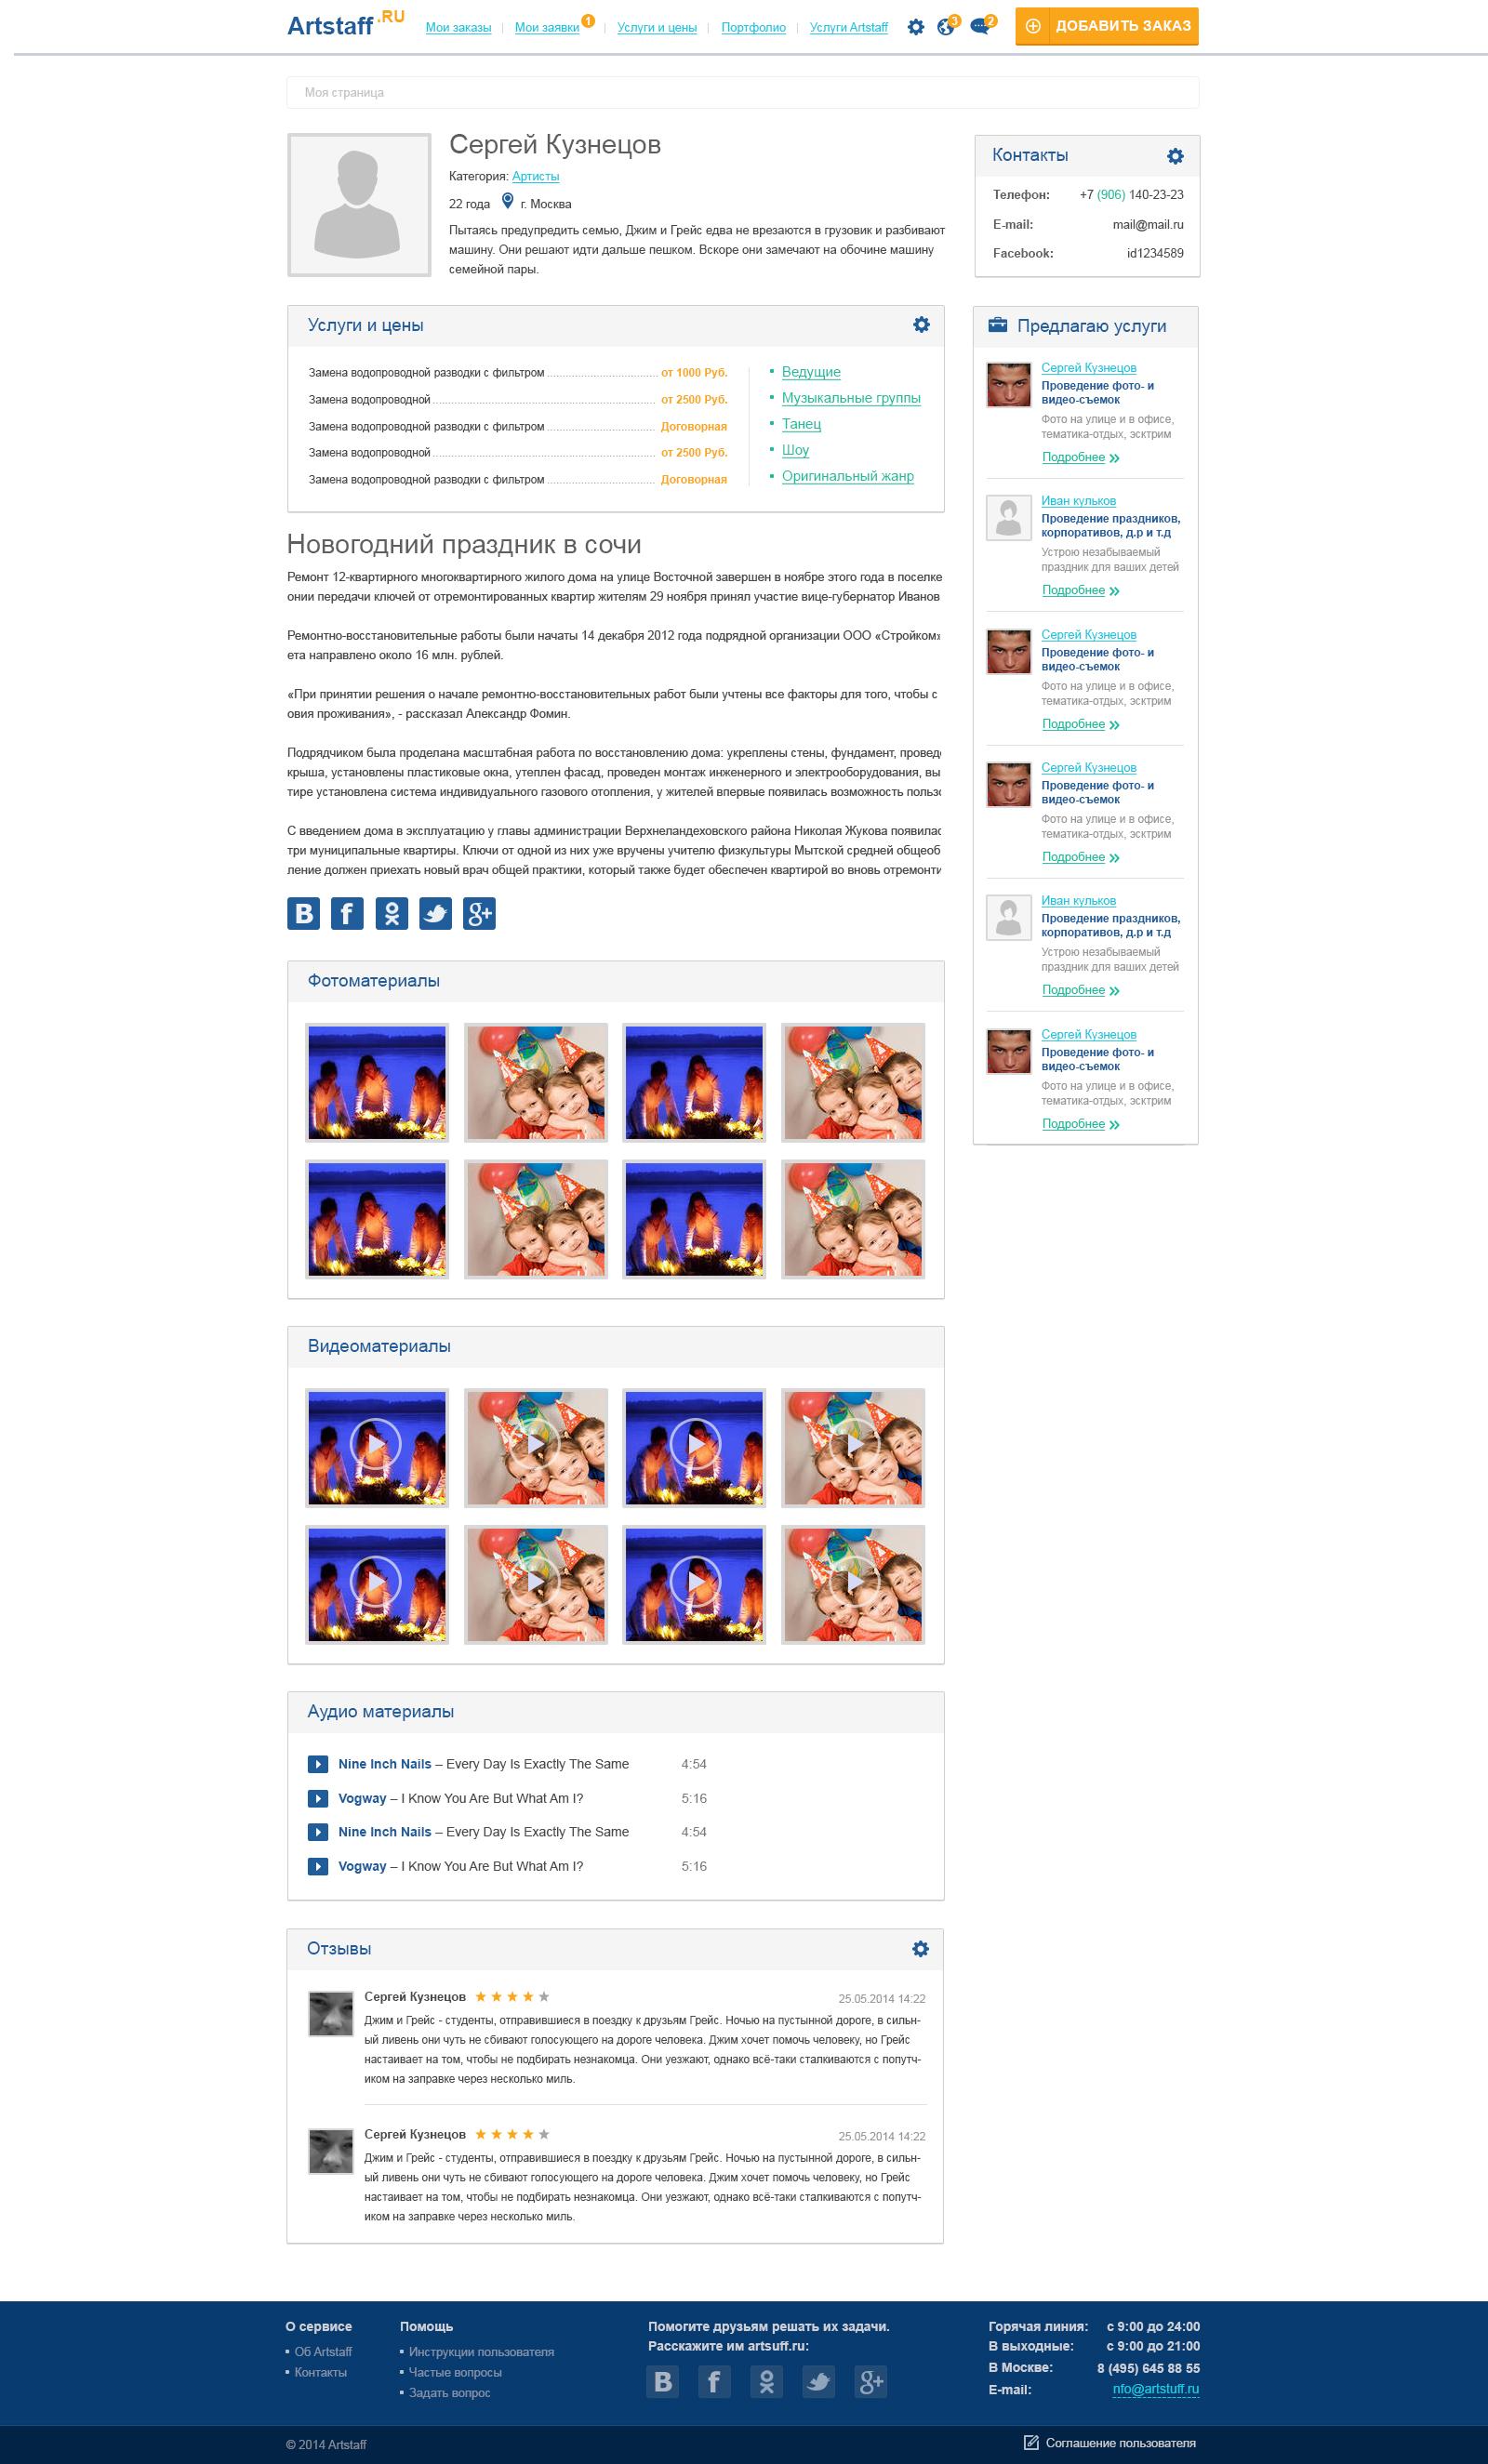 """Разработка дизайна Главной и внутренних страниц для Портала Artstaff-страница """"Моя страница"""" (+верстка)"""